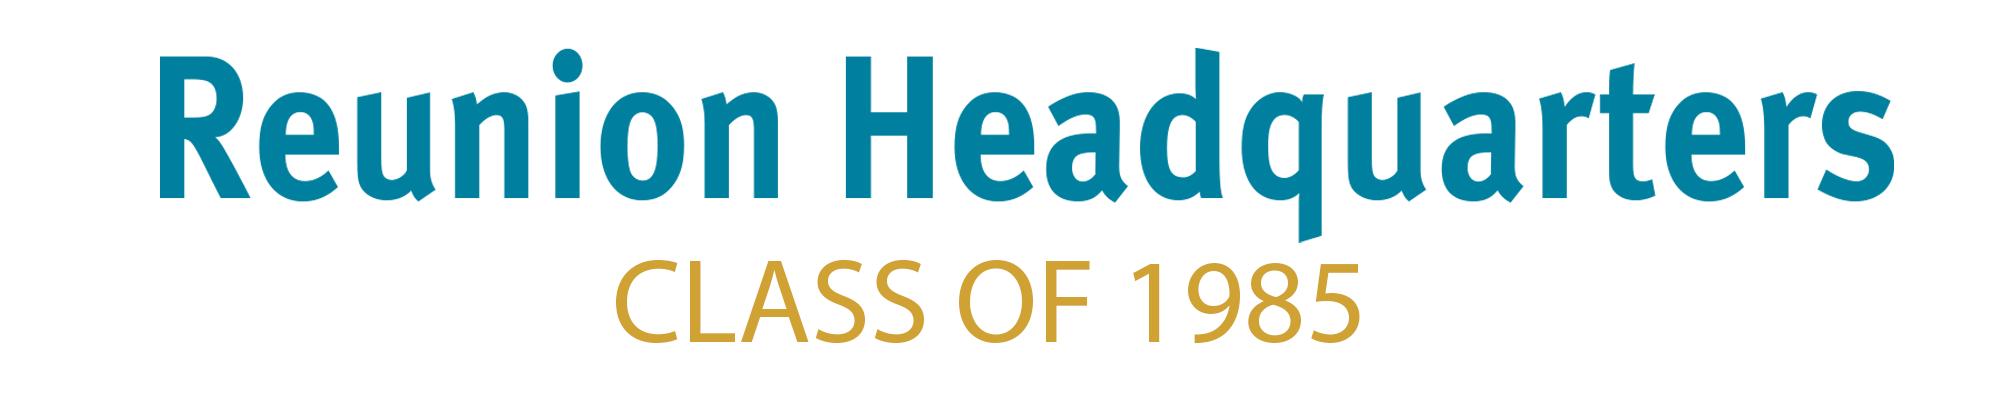 Class of 1985 Header